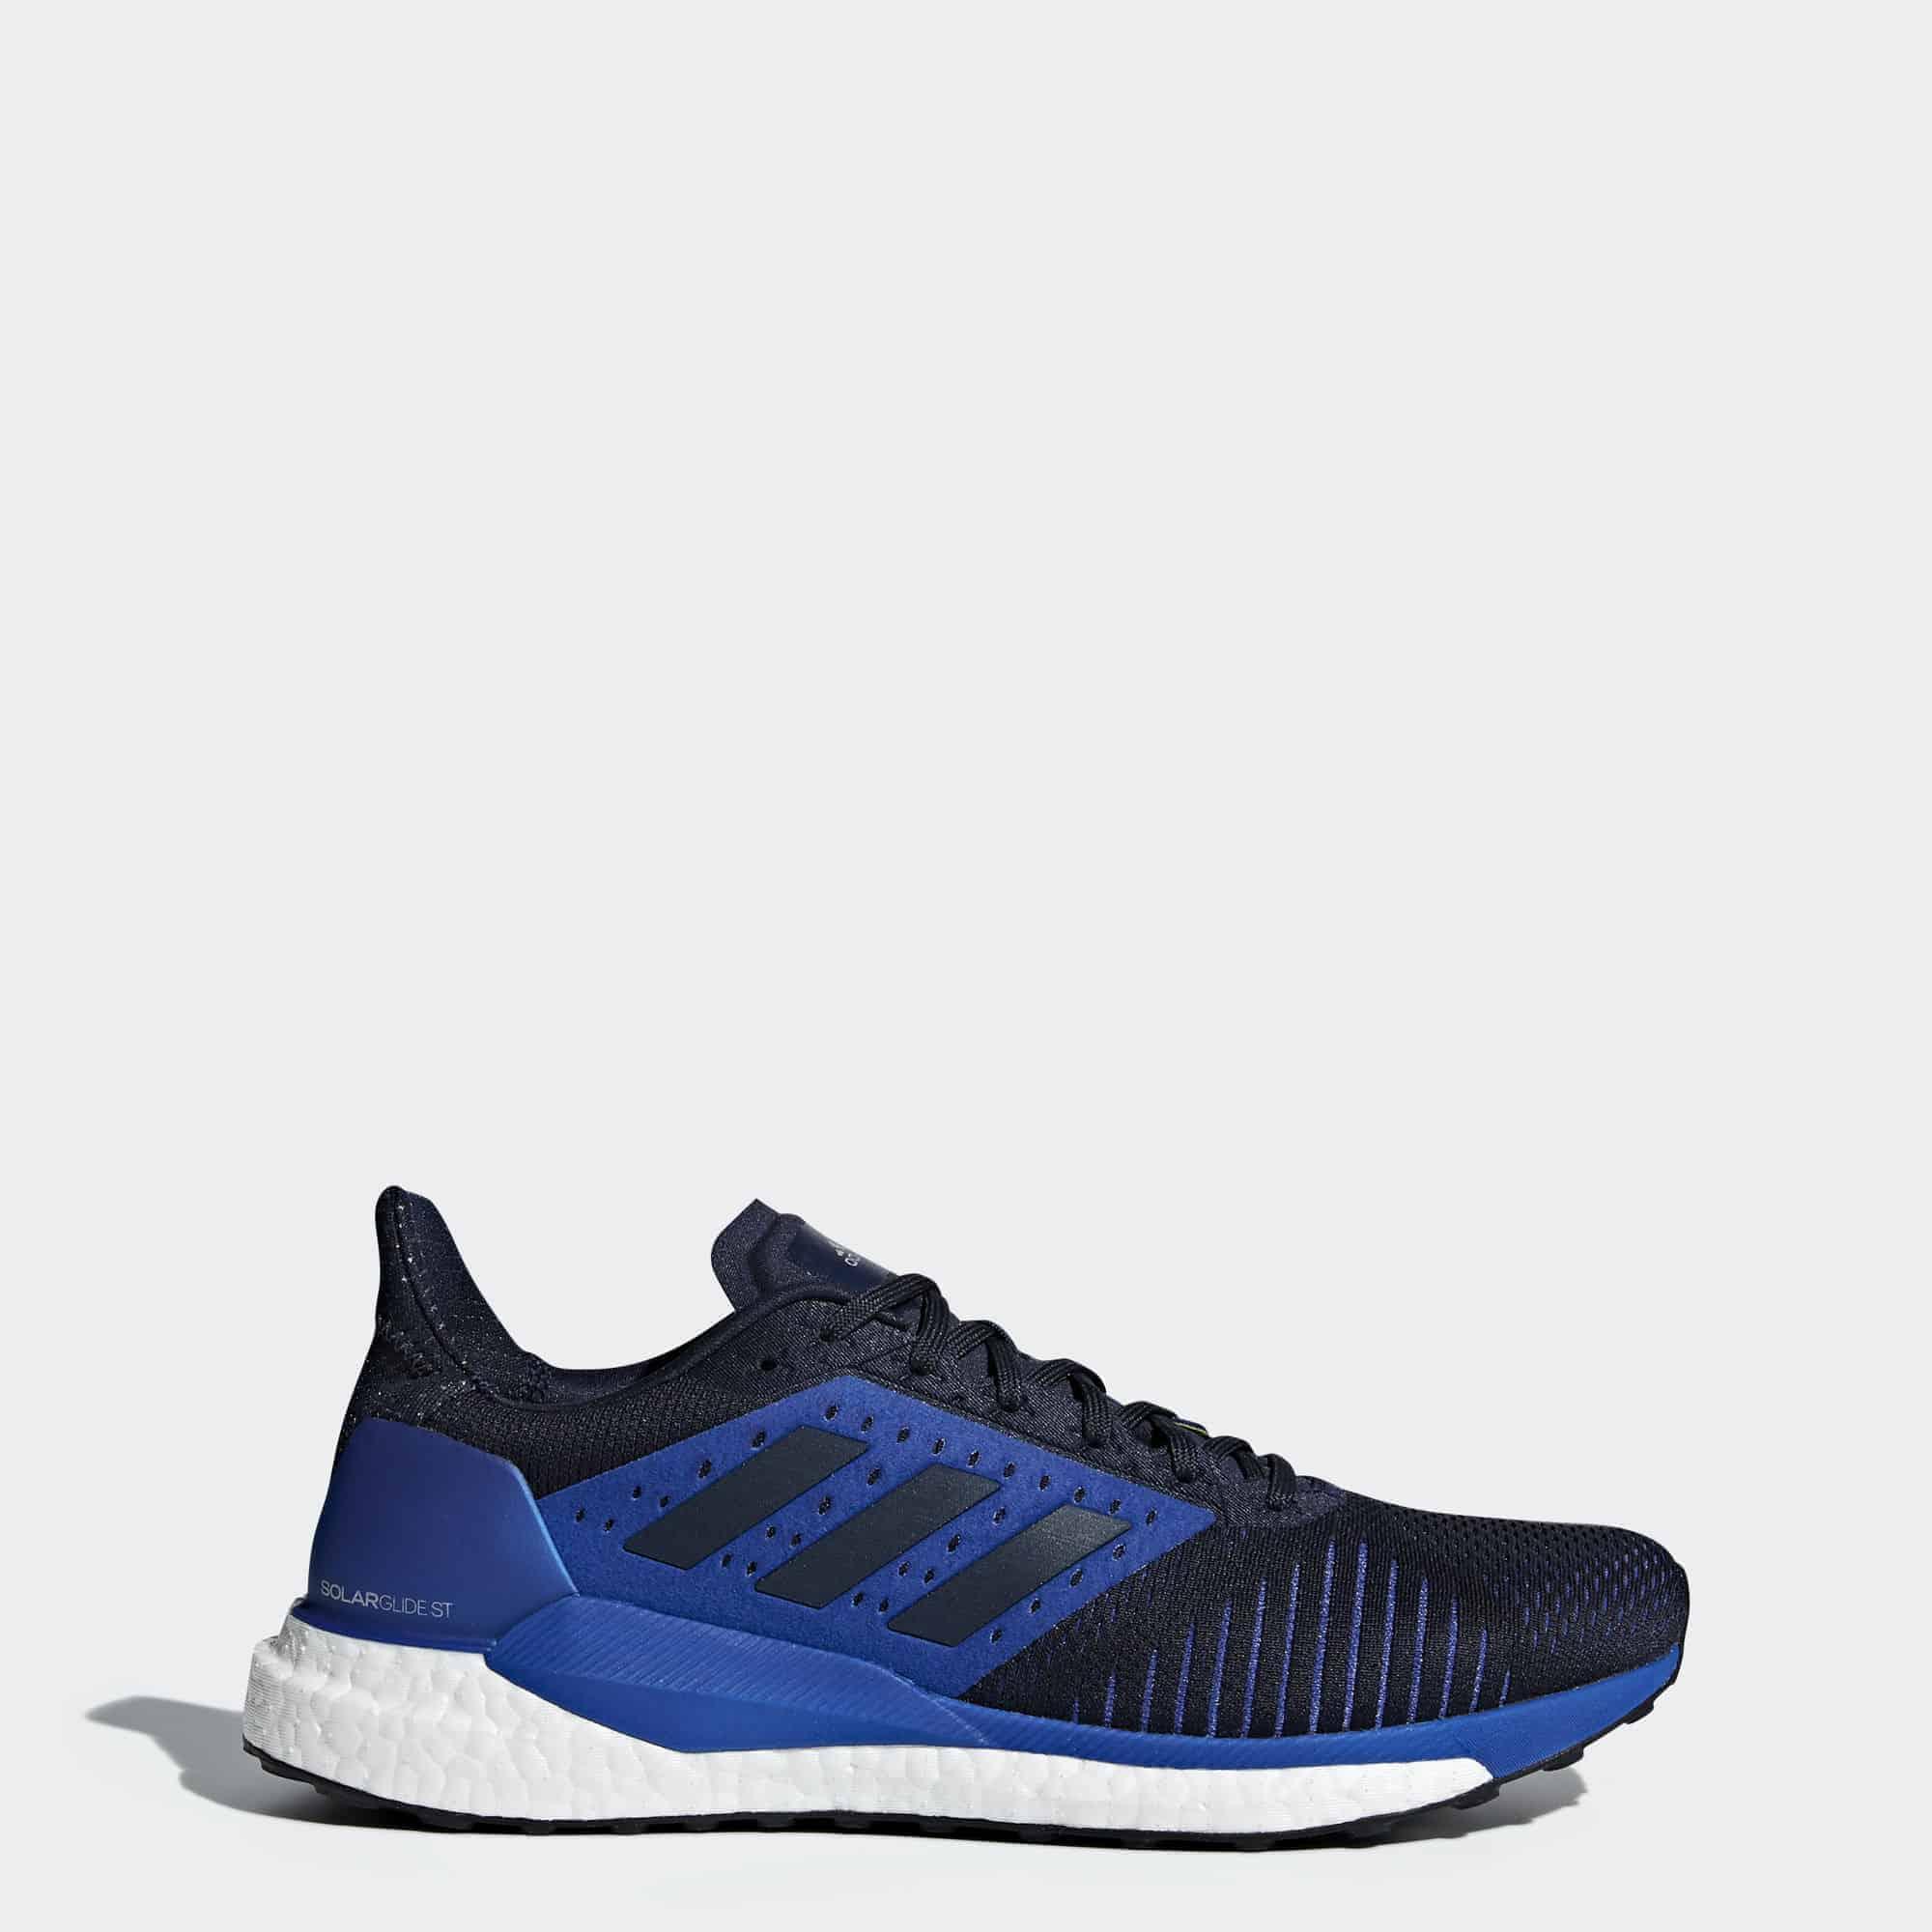 Кроссовки для бега Adidas Solar Glide ST мужские